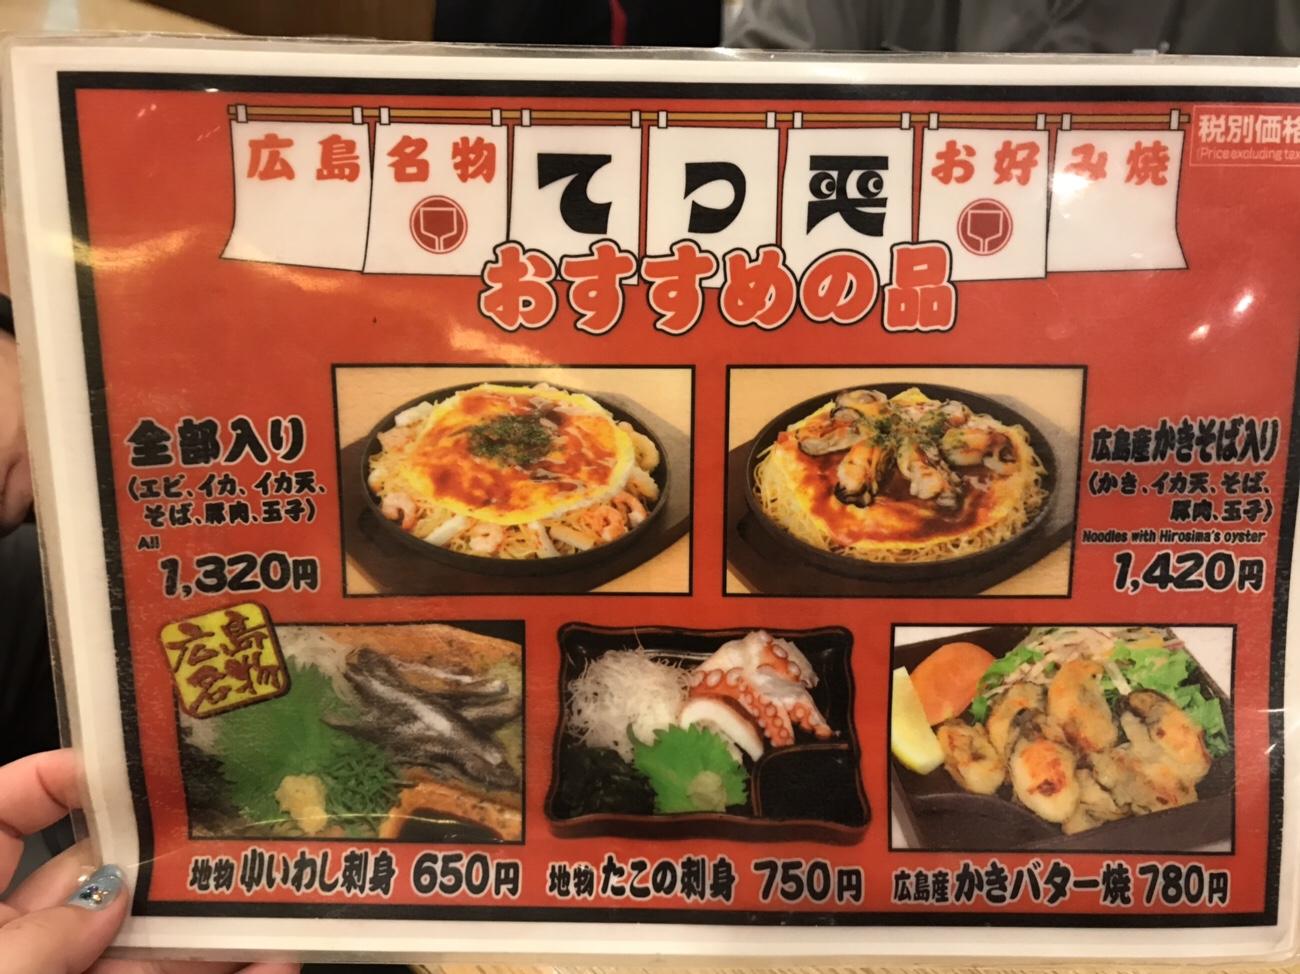 お好み焼きおすすめメニューてっ平 広島空港店 メニュー